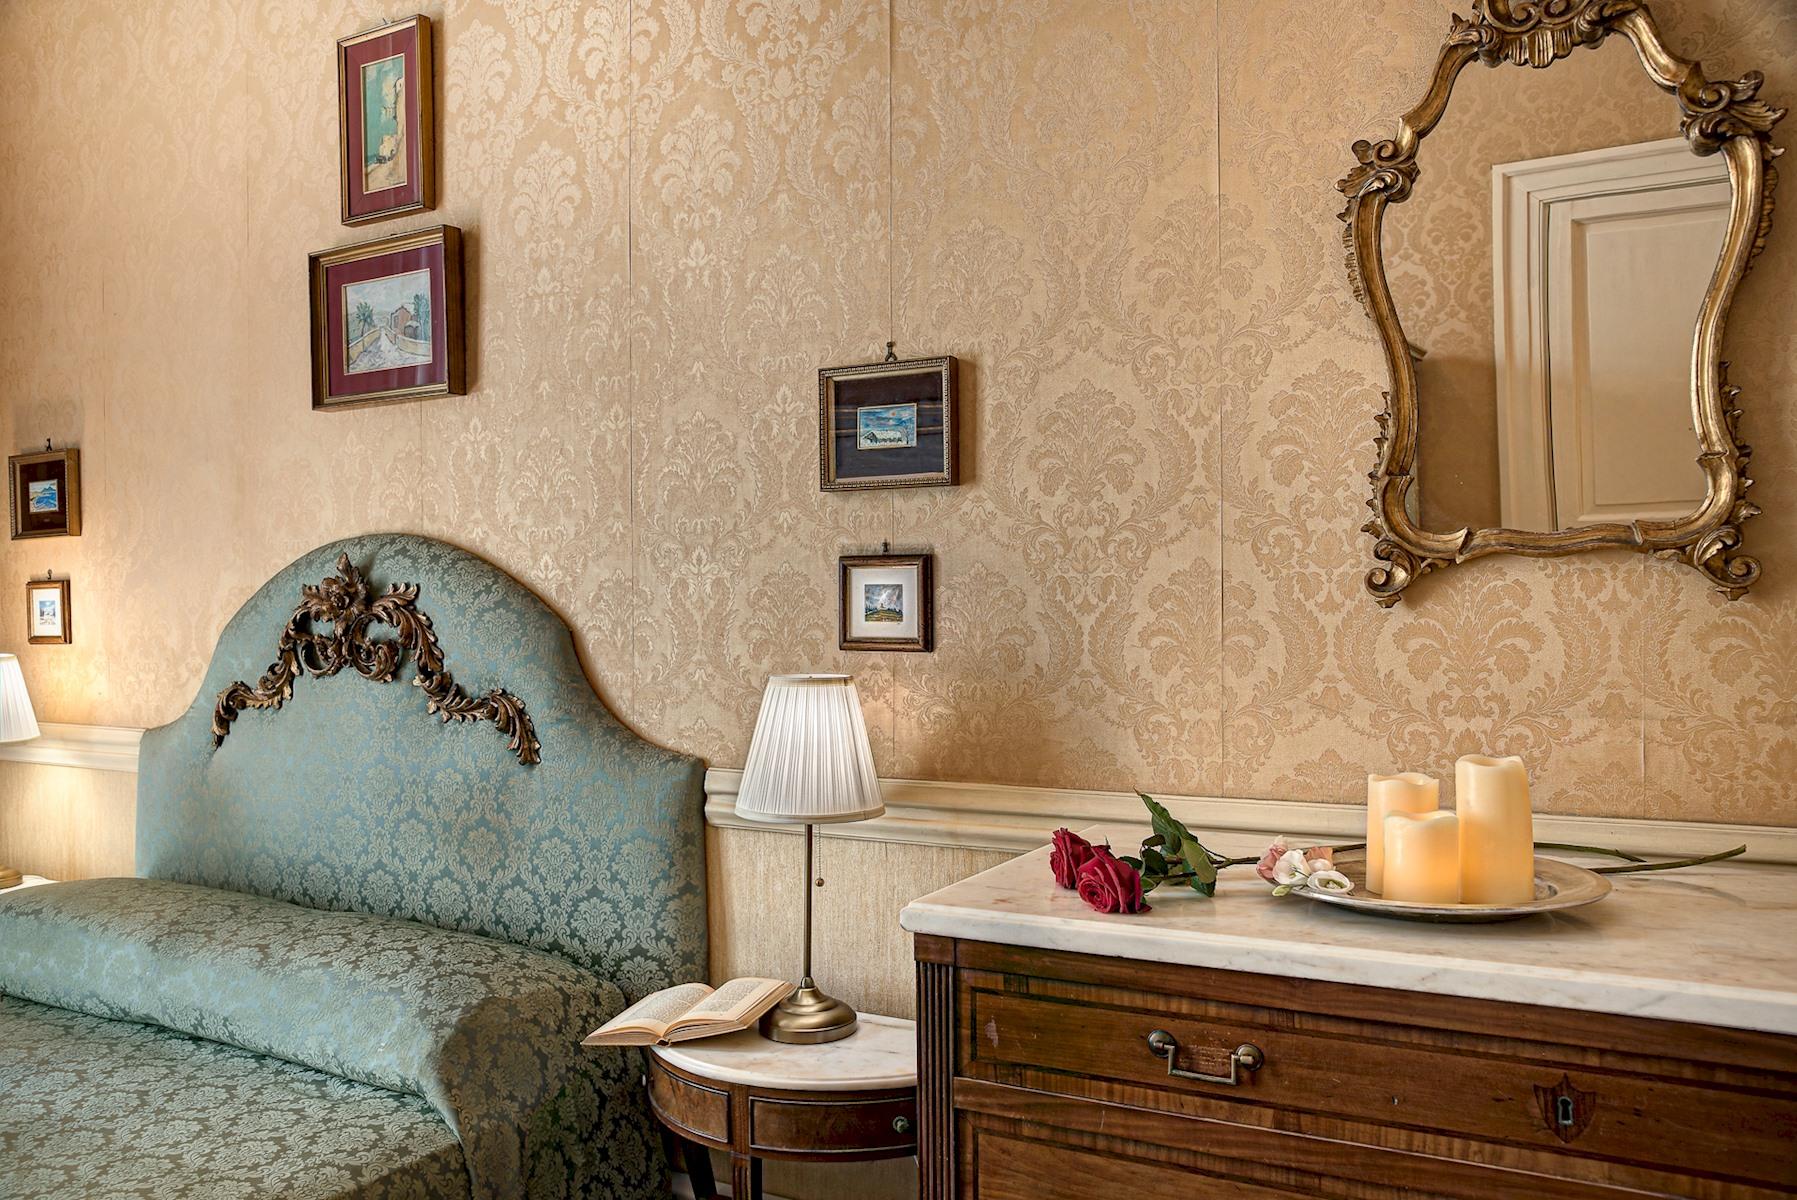 Arthouse - Lady Mary's Tribunali Luxury Suite - Naples Historical Centre photo 20429033